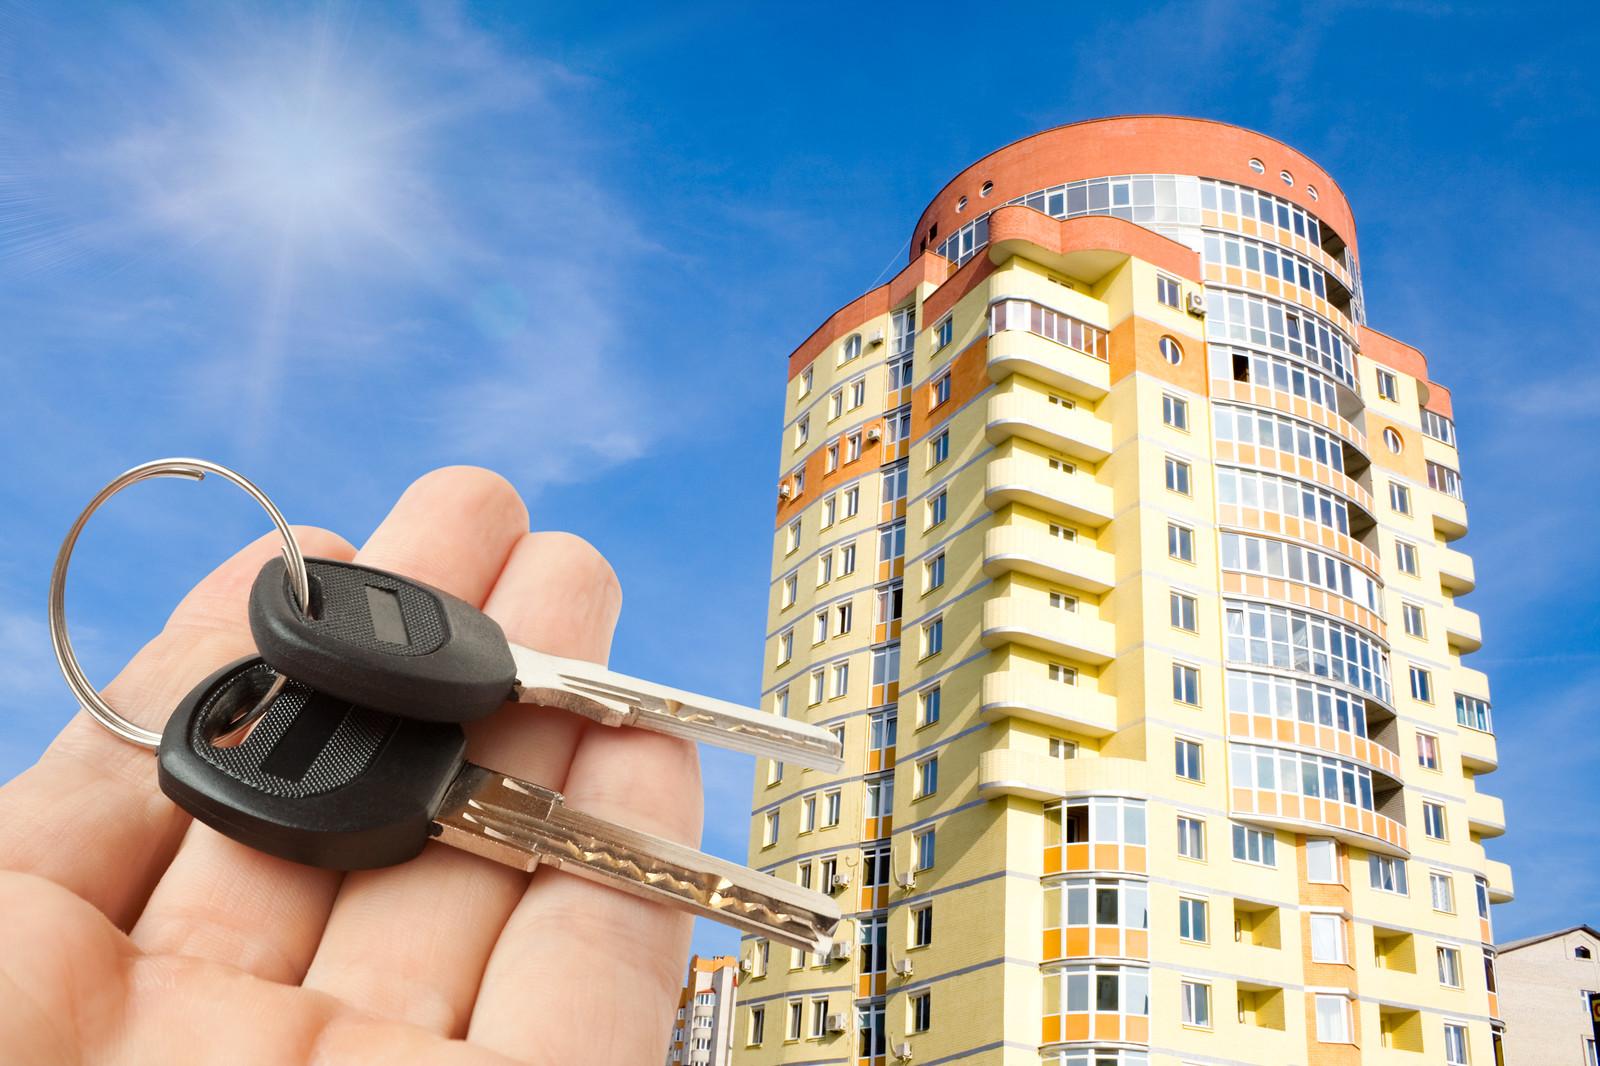 Как купить квартиру: новостройка или вторичка?